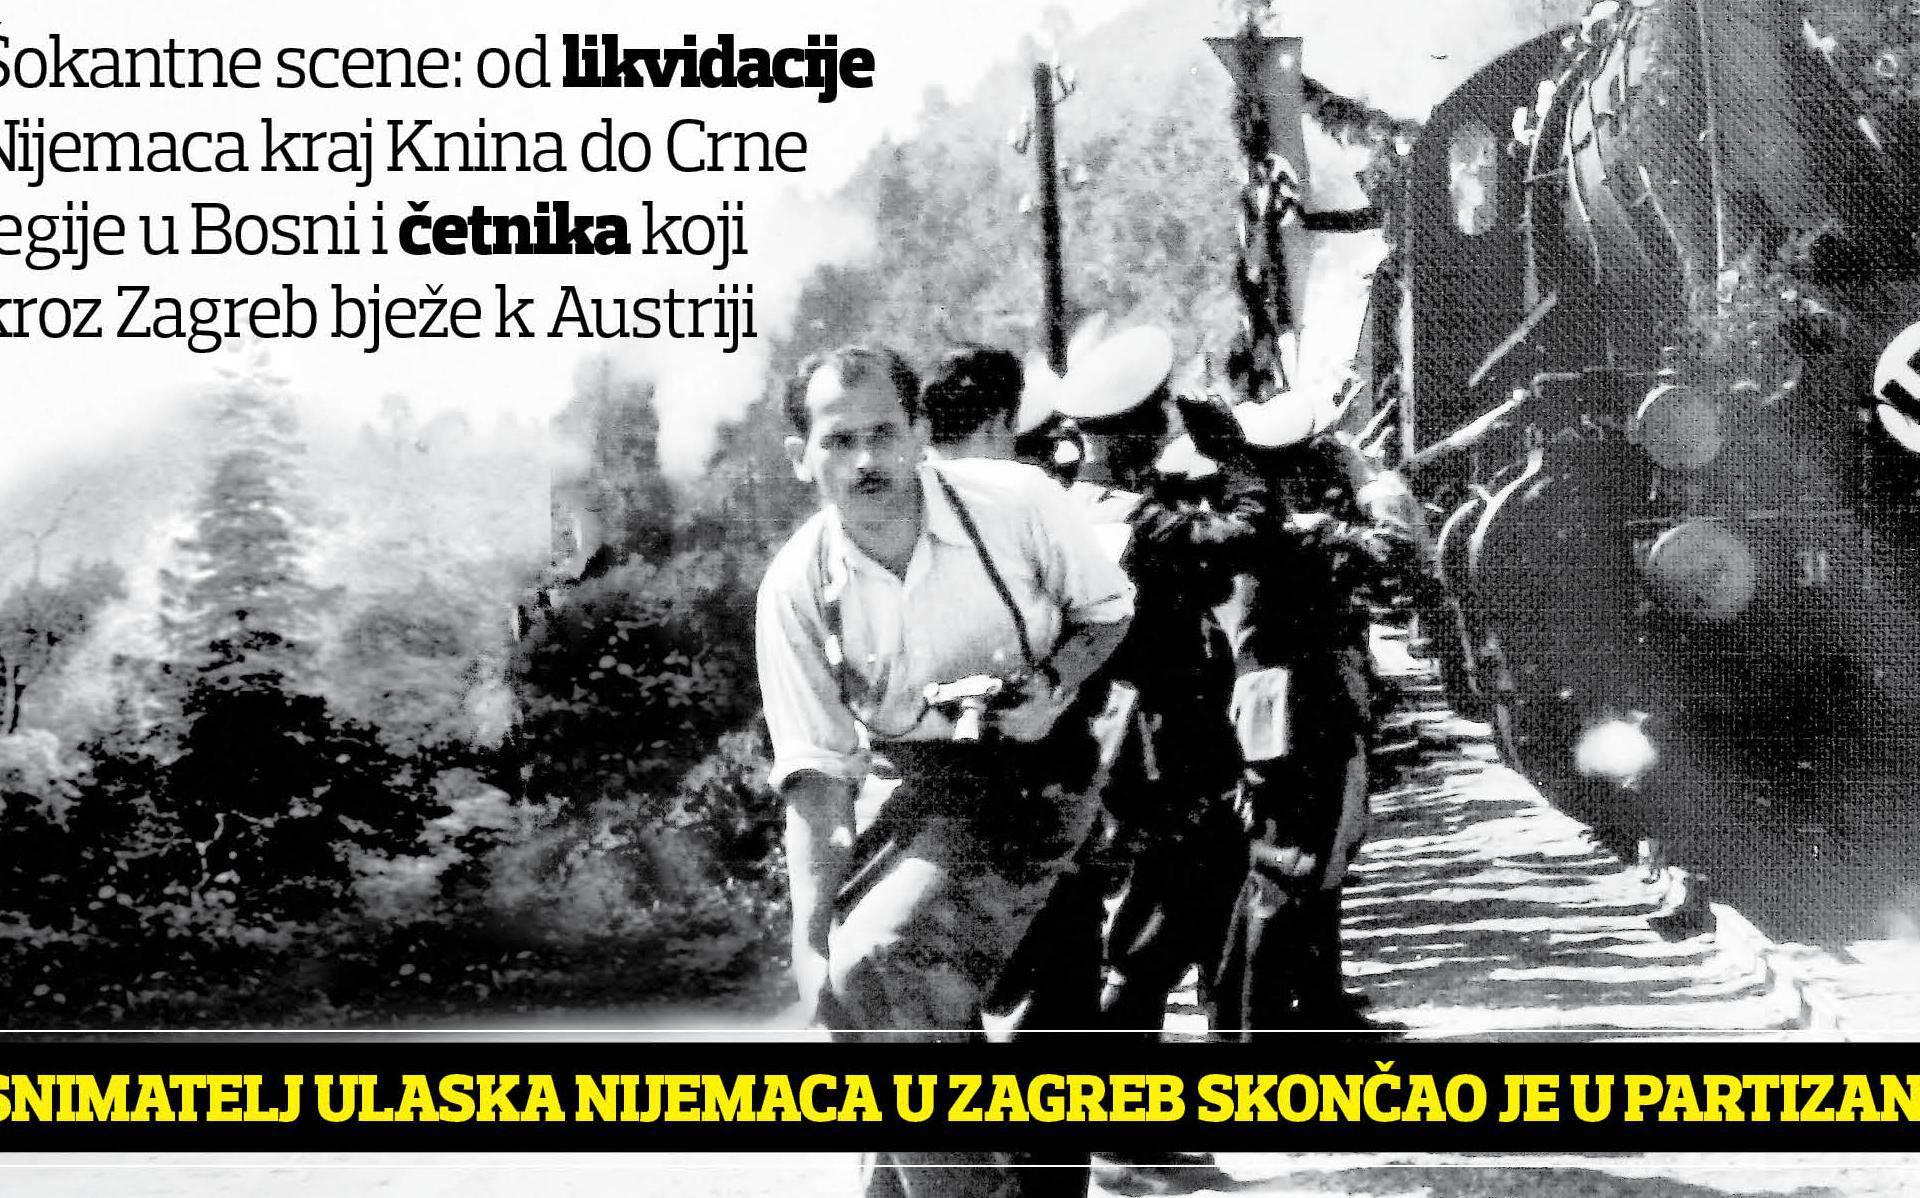 Od likvidacije Nijemaca pokraj Knina do Crne Legije u Bosni